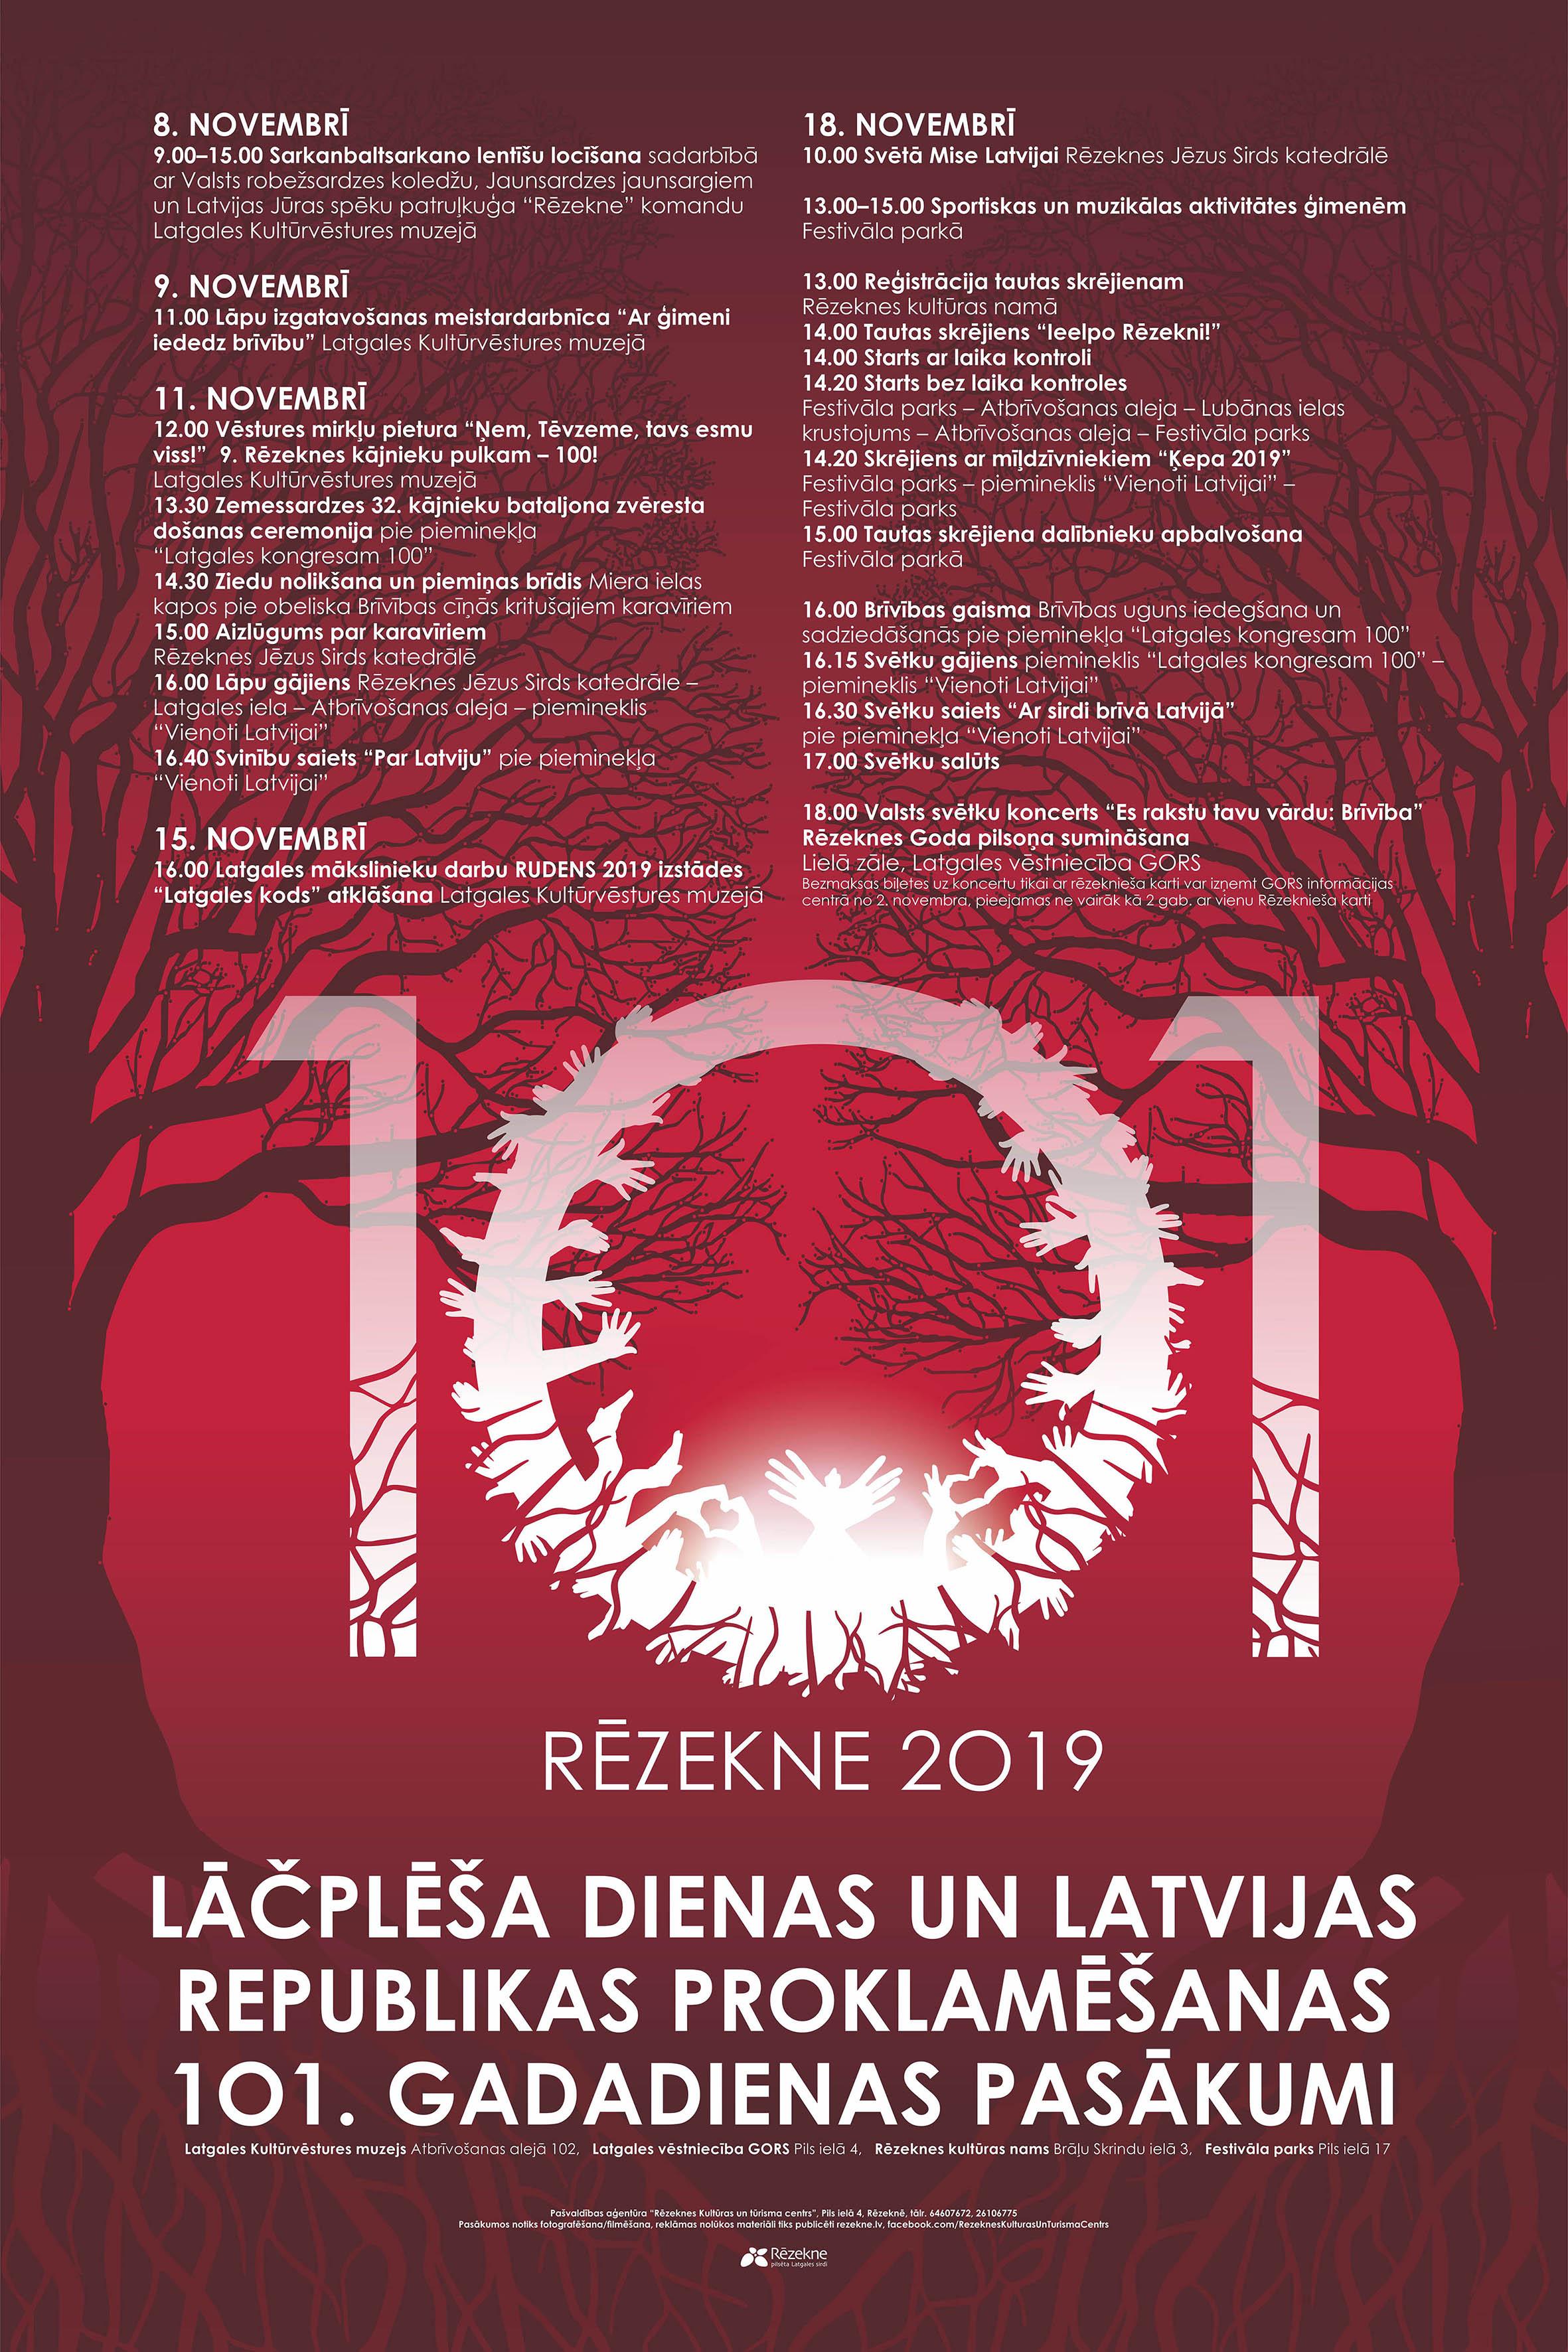 Latvijas Republikas proklamēšanas 101. gadadienas svinības Rēzeknē